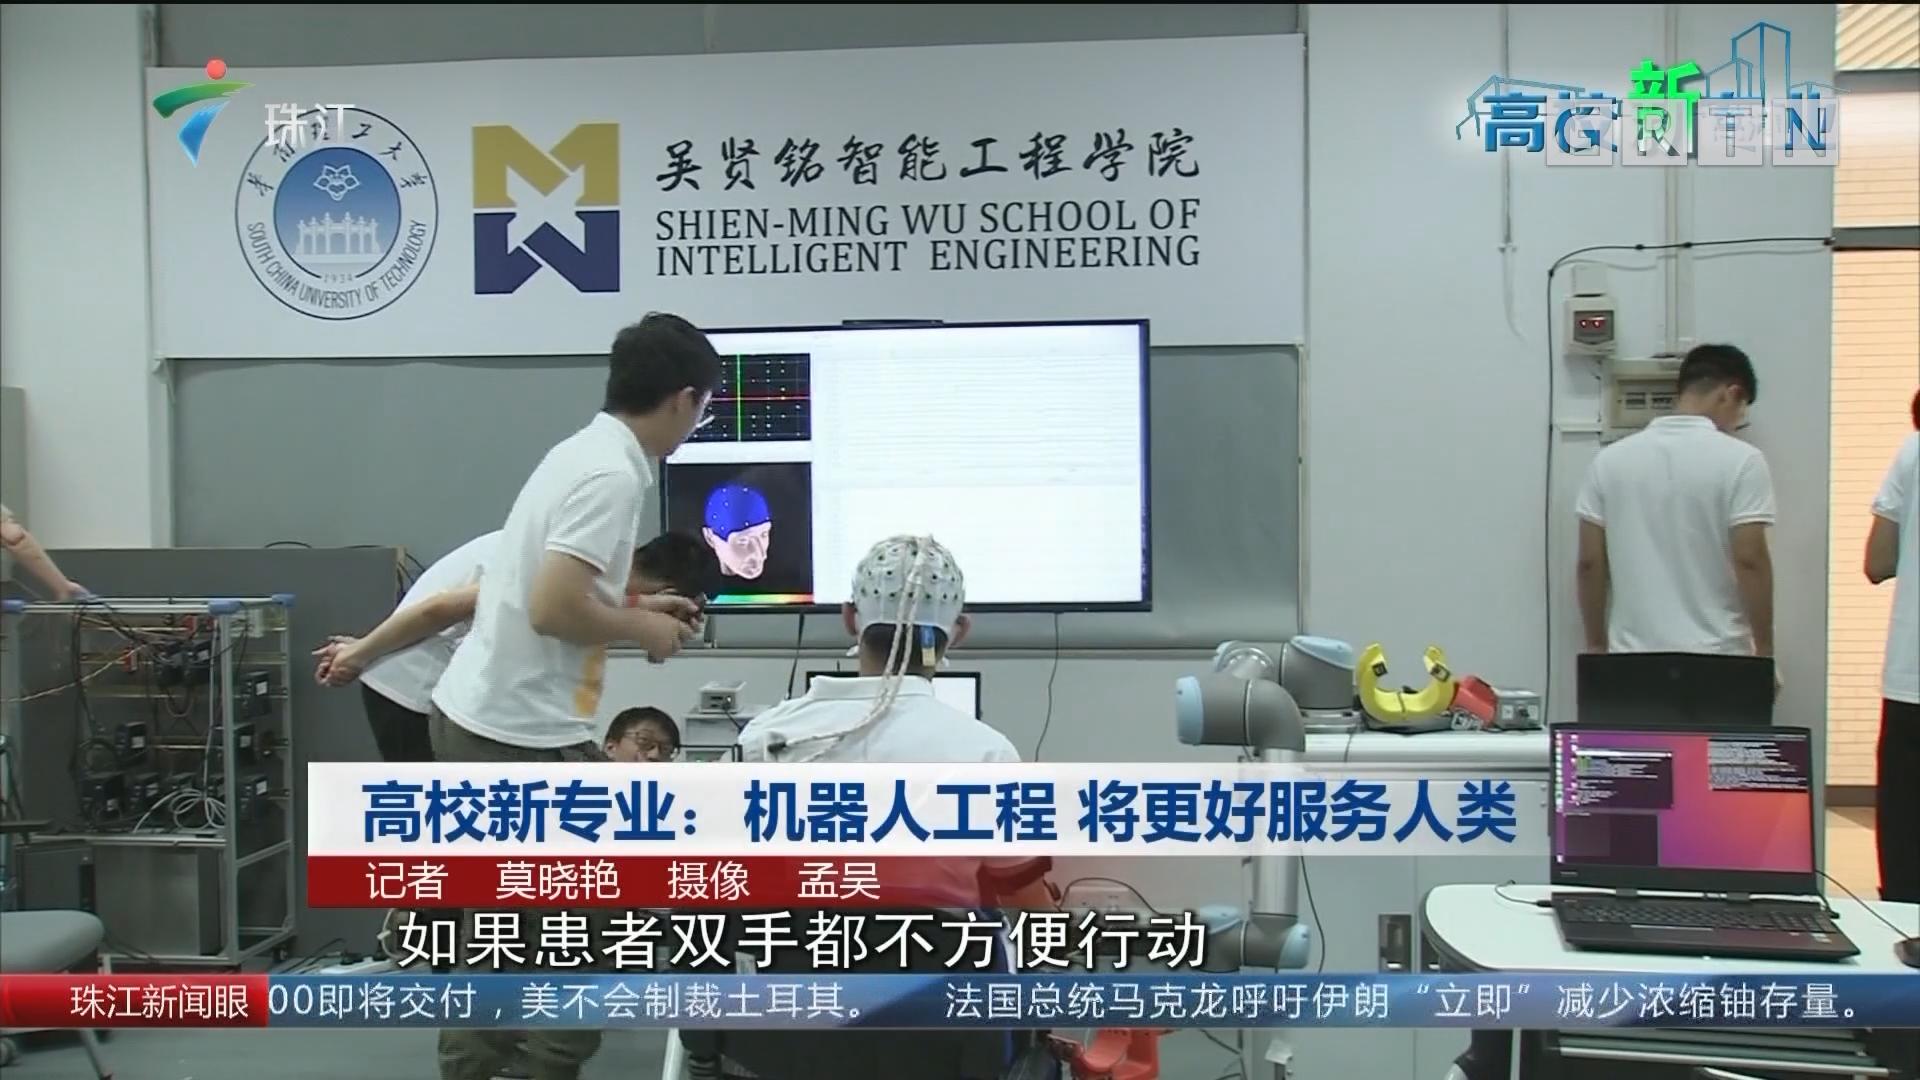 高校新专业:机器人工程 将更好服务人类